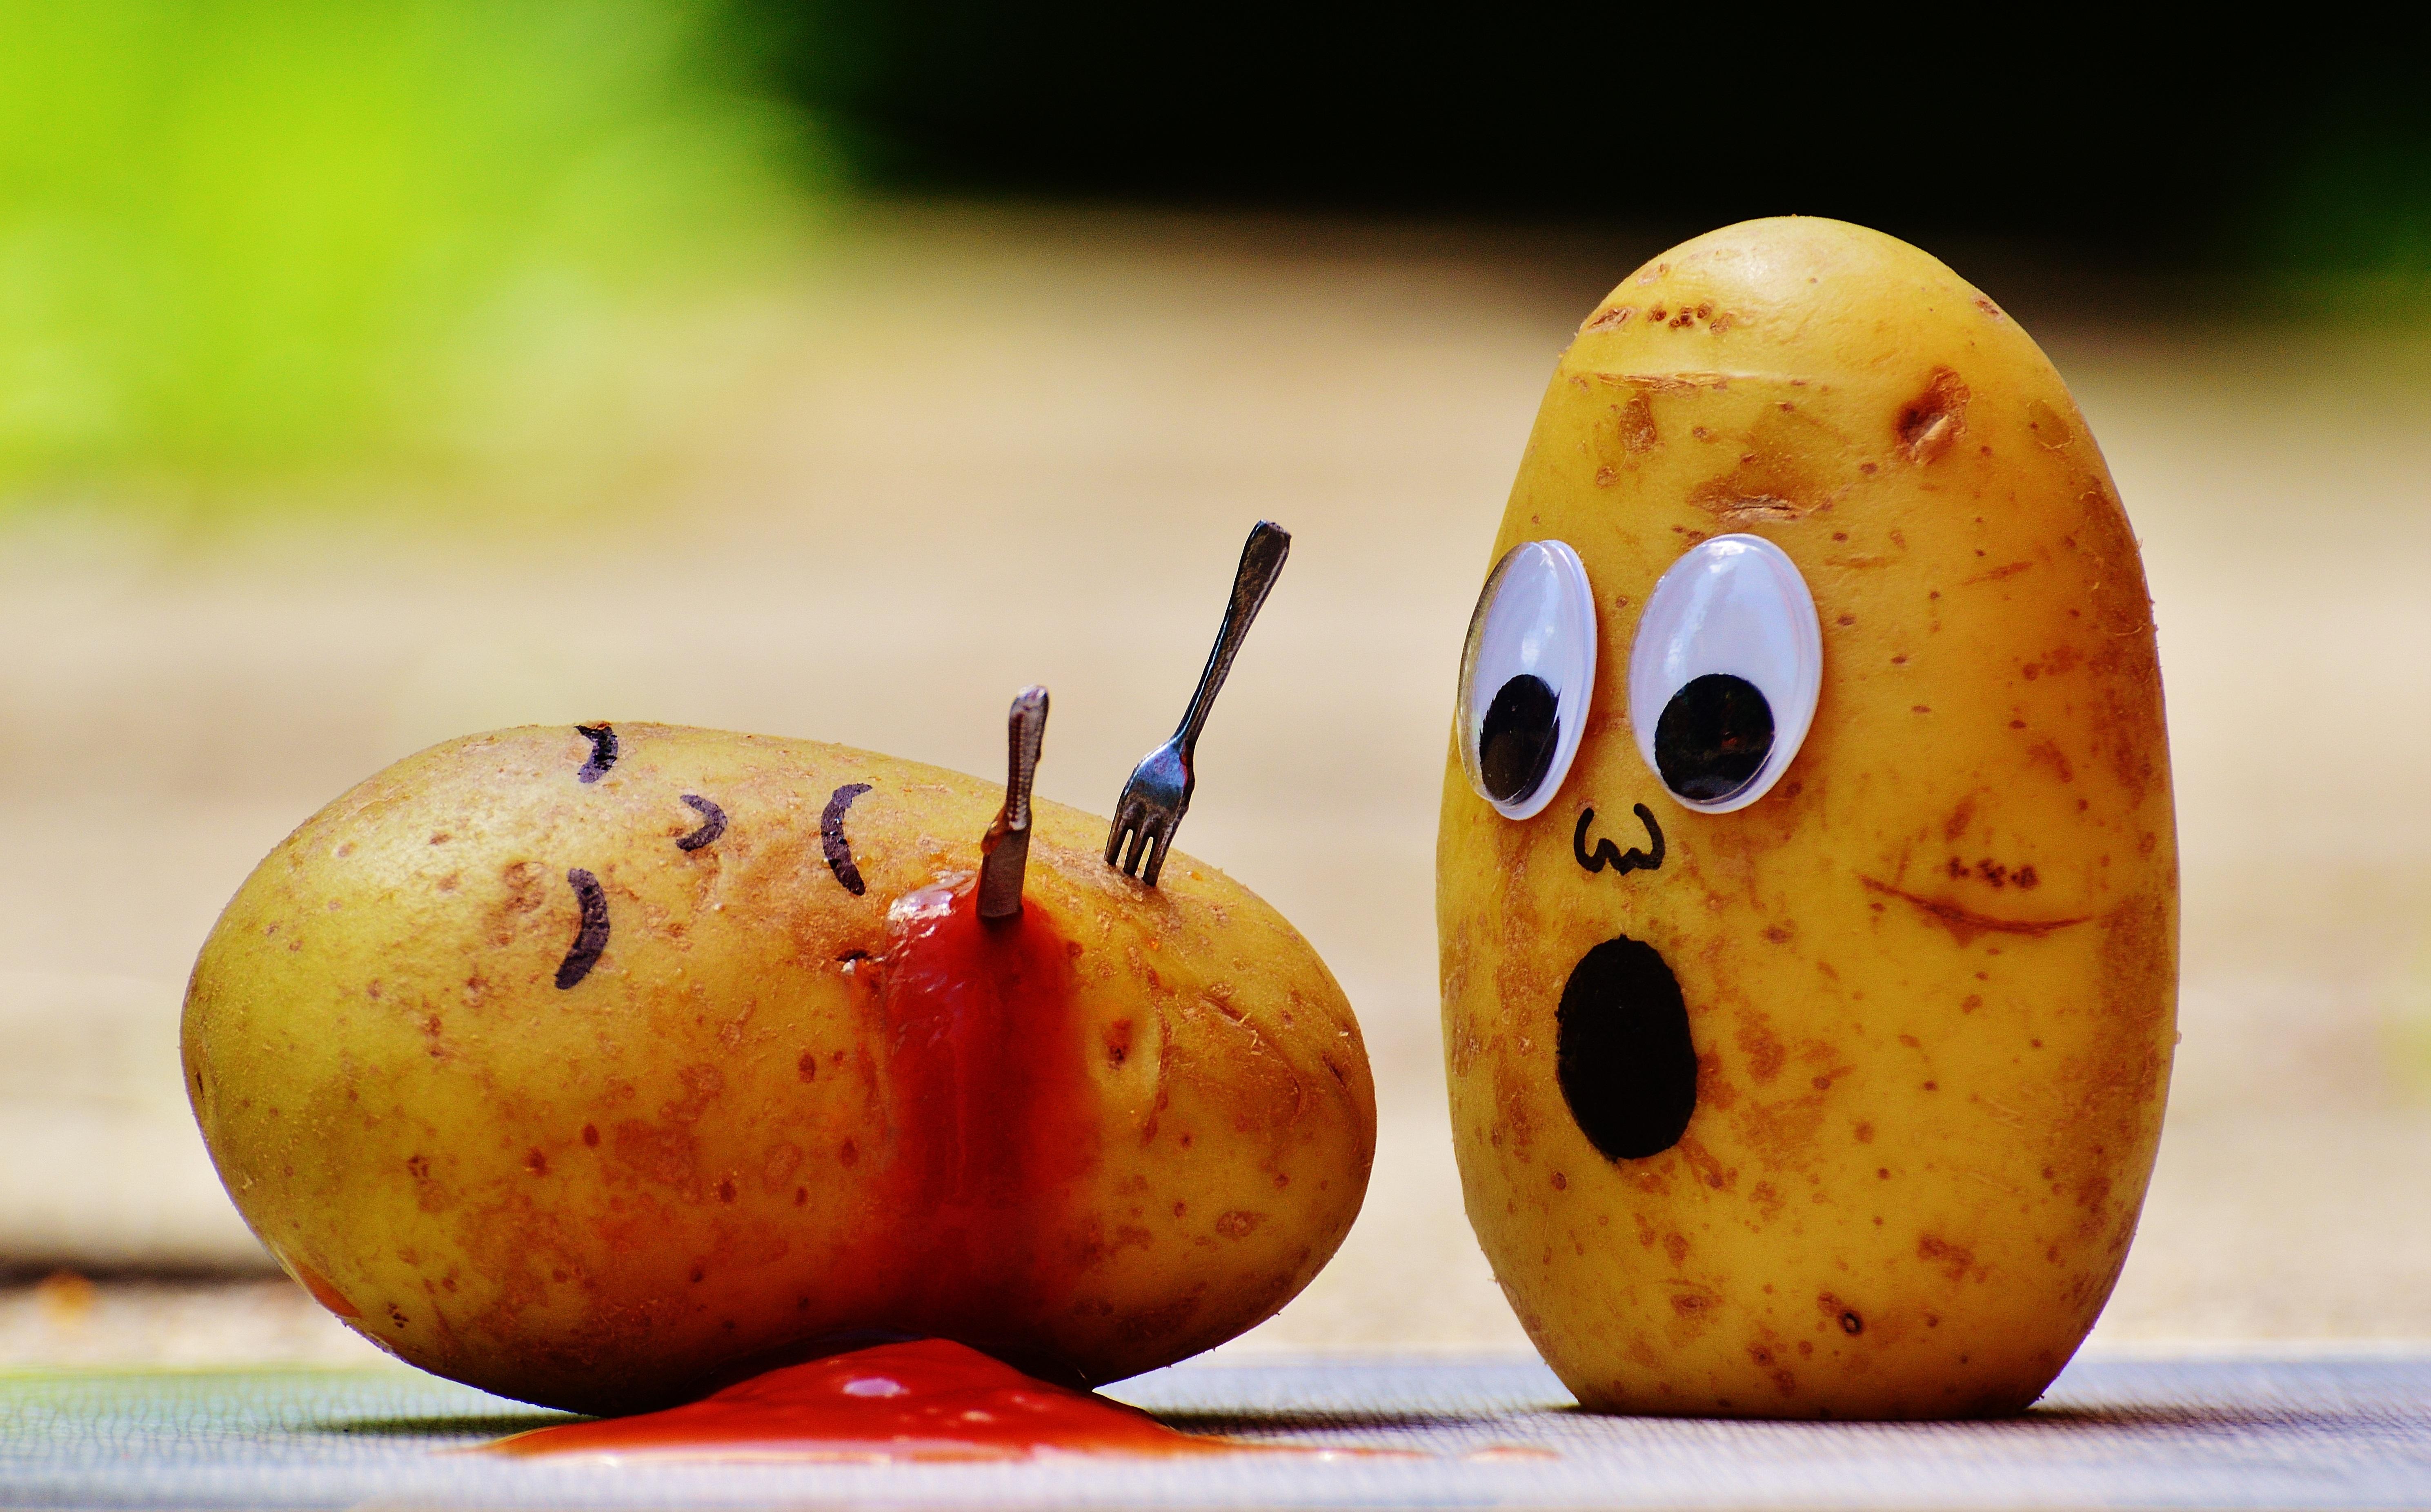 меня нет я на картошке картинка для аватарки плитка цена вопроса